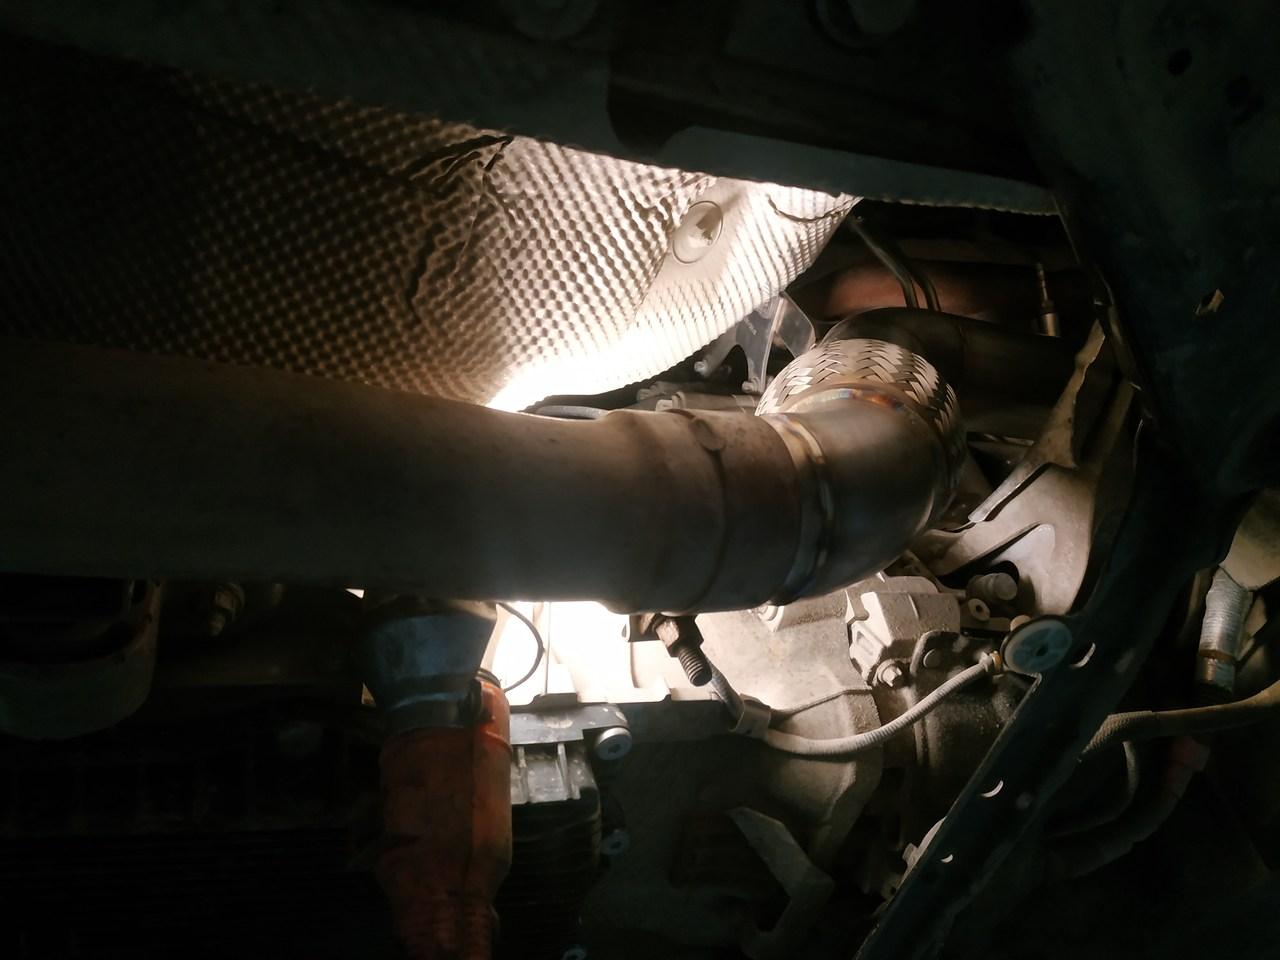 даунпайп на X5 F15